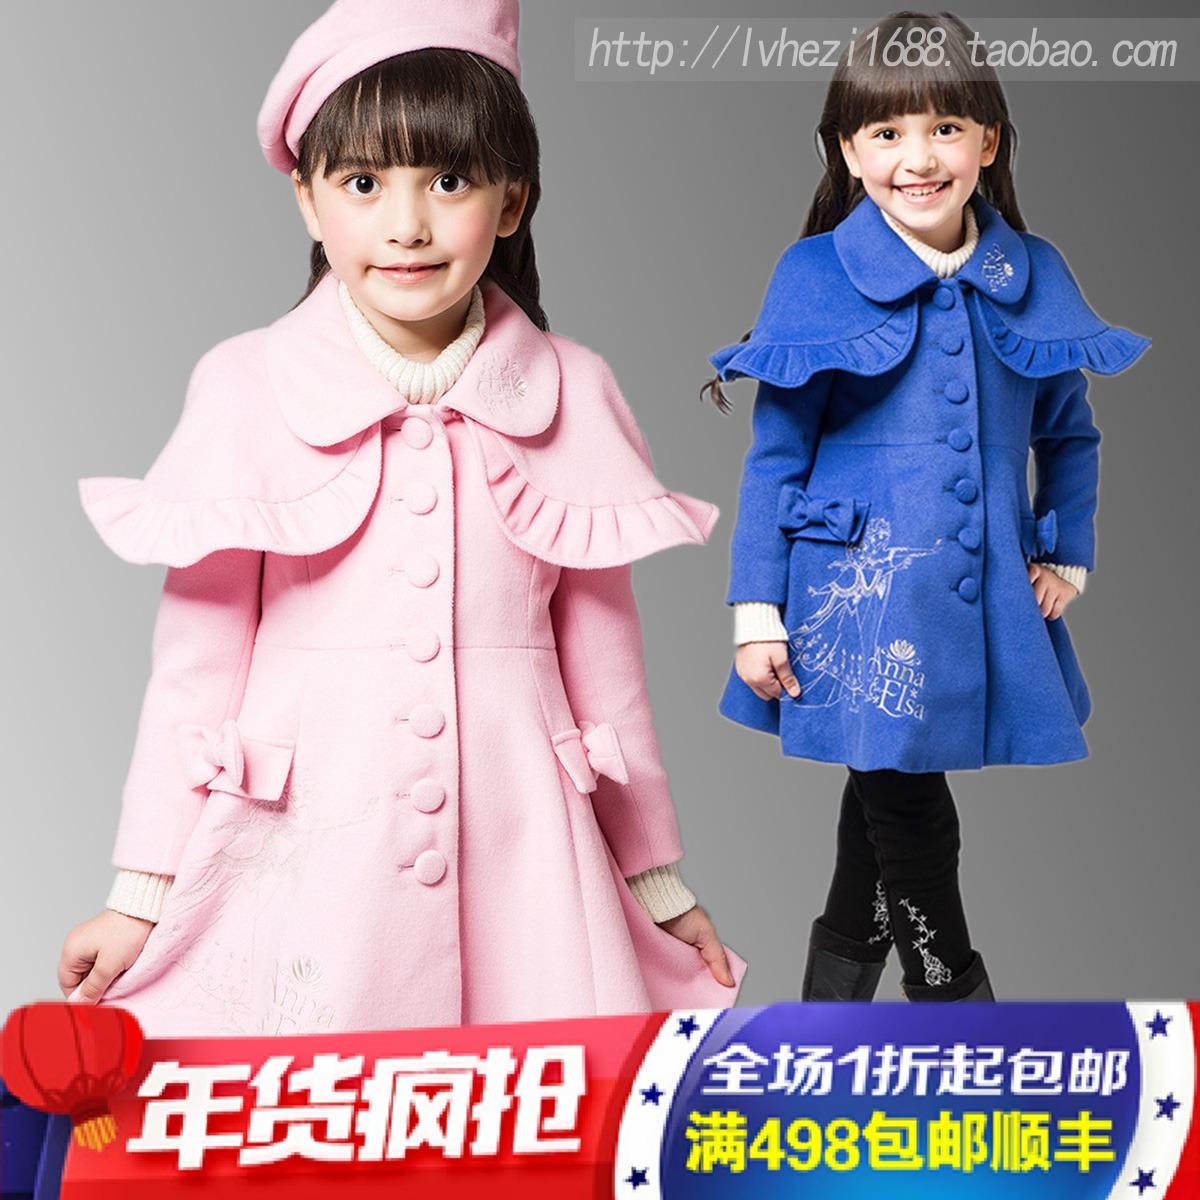 绿盒子迪士尼童装旗舰店女大童披肩呢大衣儿童中长款女童冬装外套